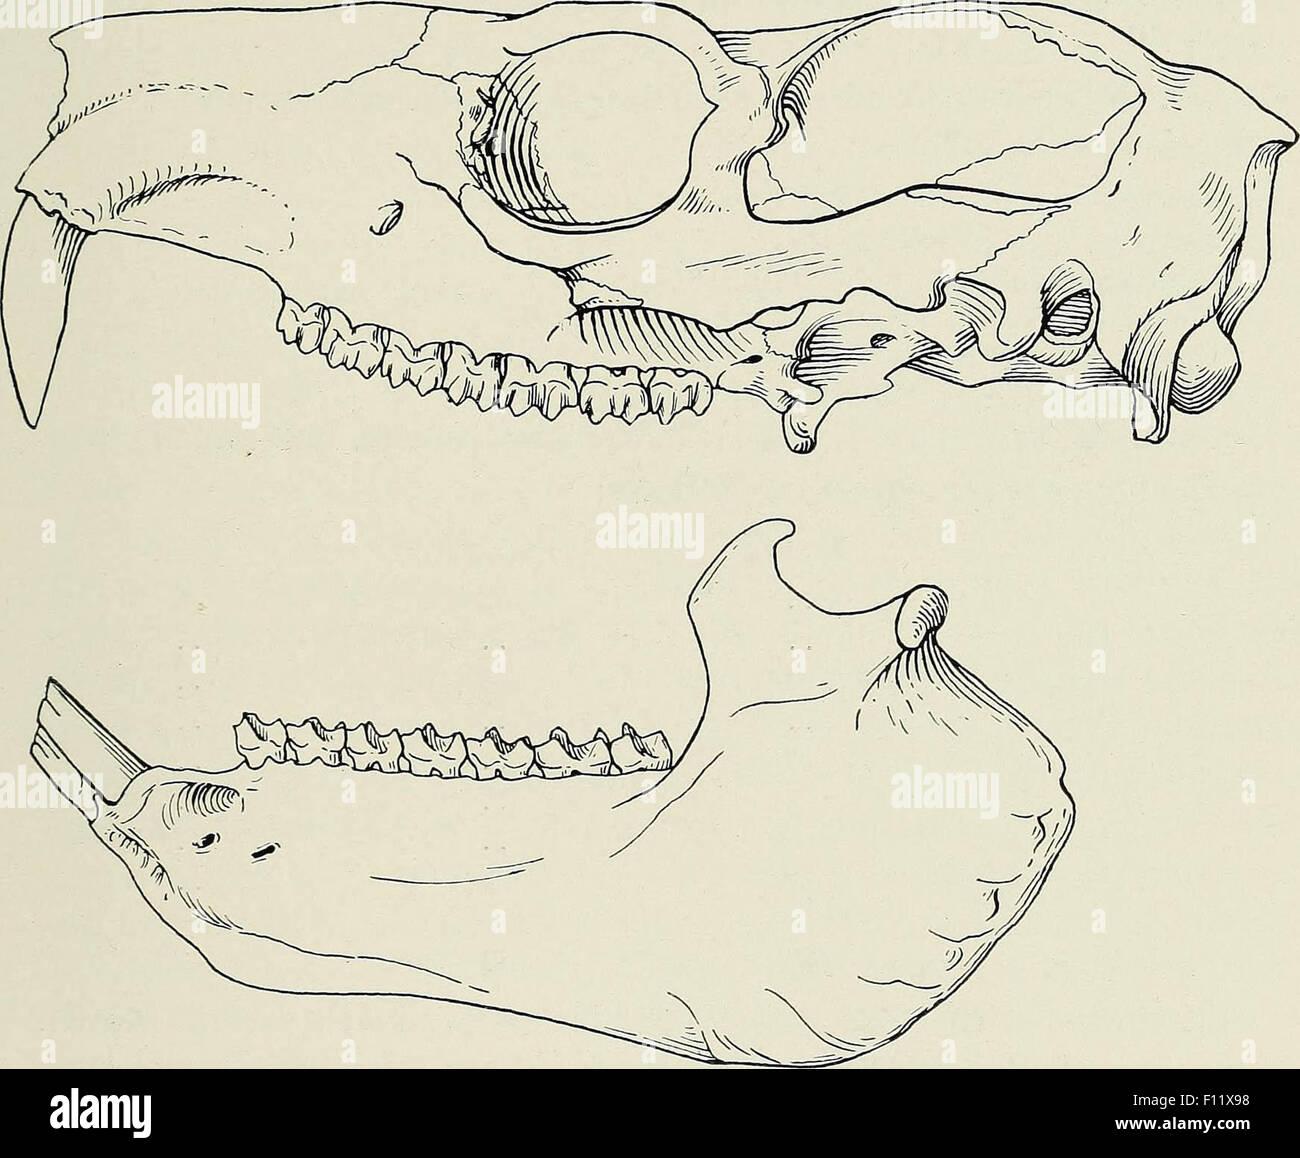 illustration of mammals skull - Stock Image